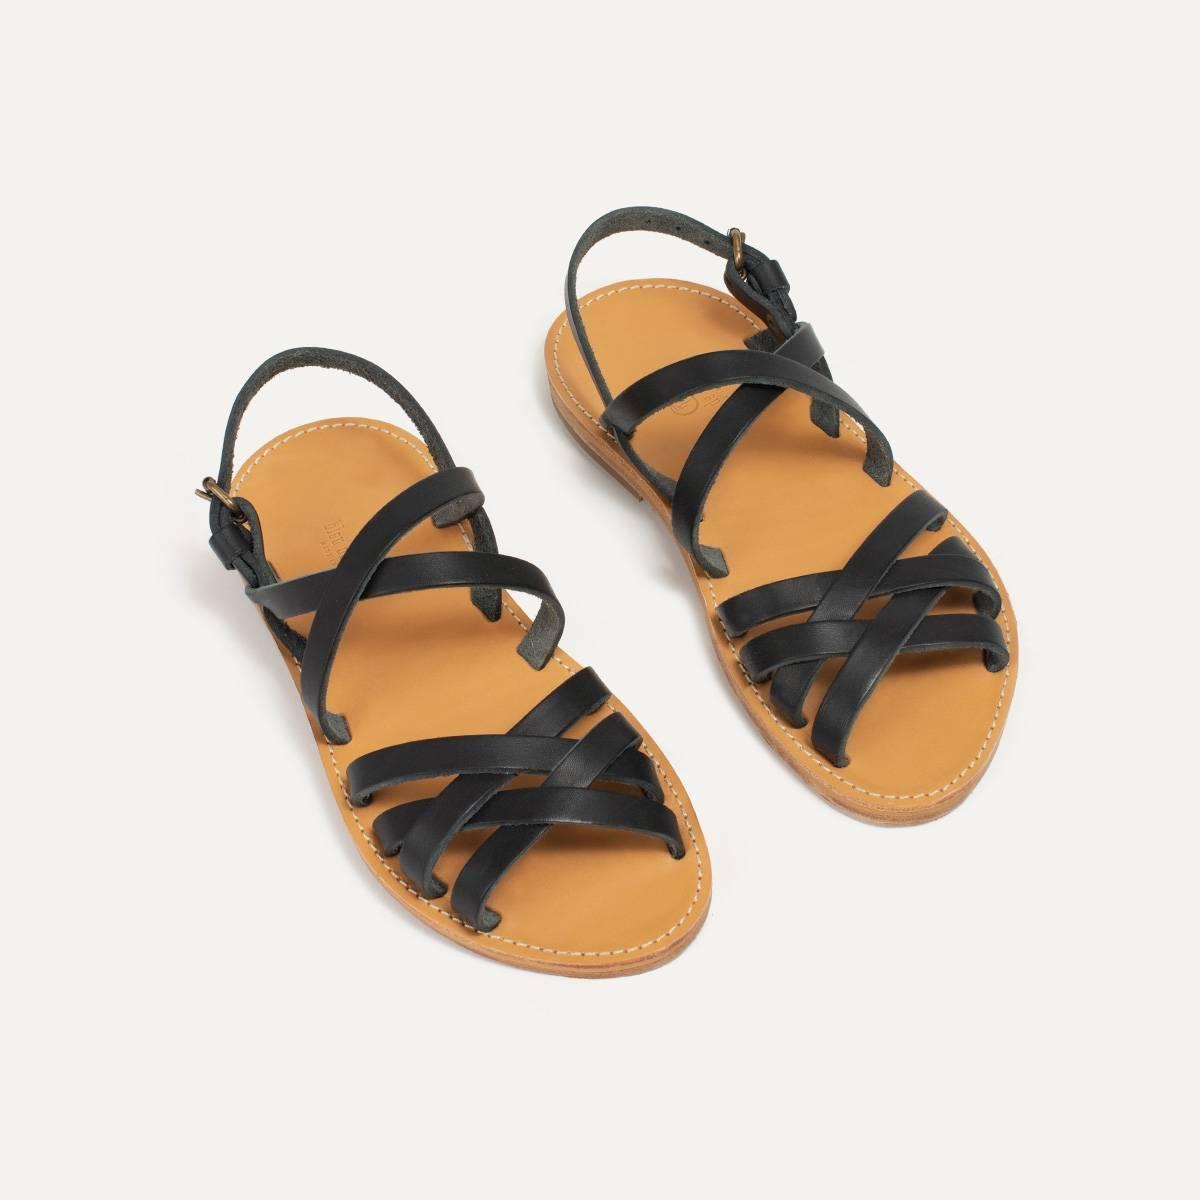 Sandales cuir Majour - Noir (image n°3)